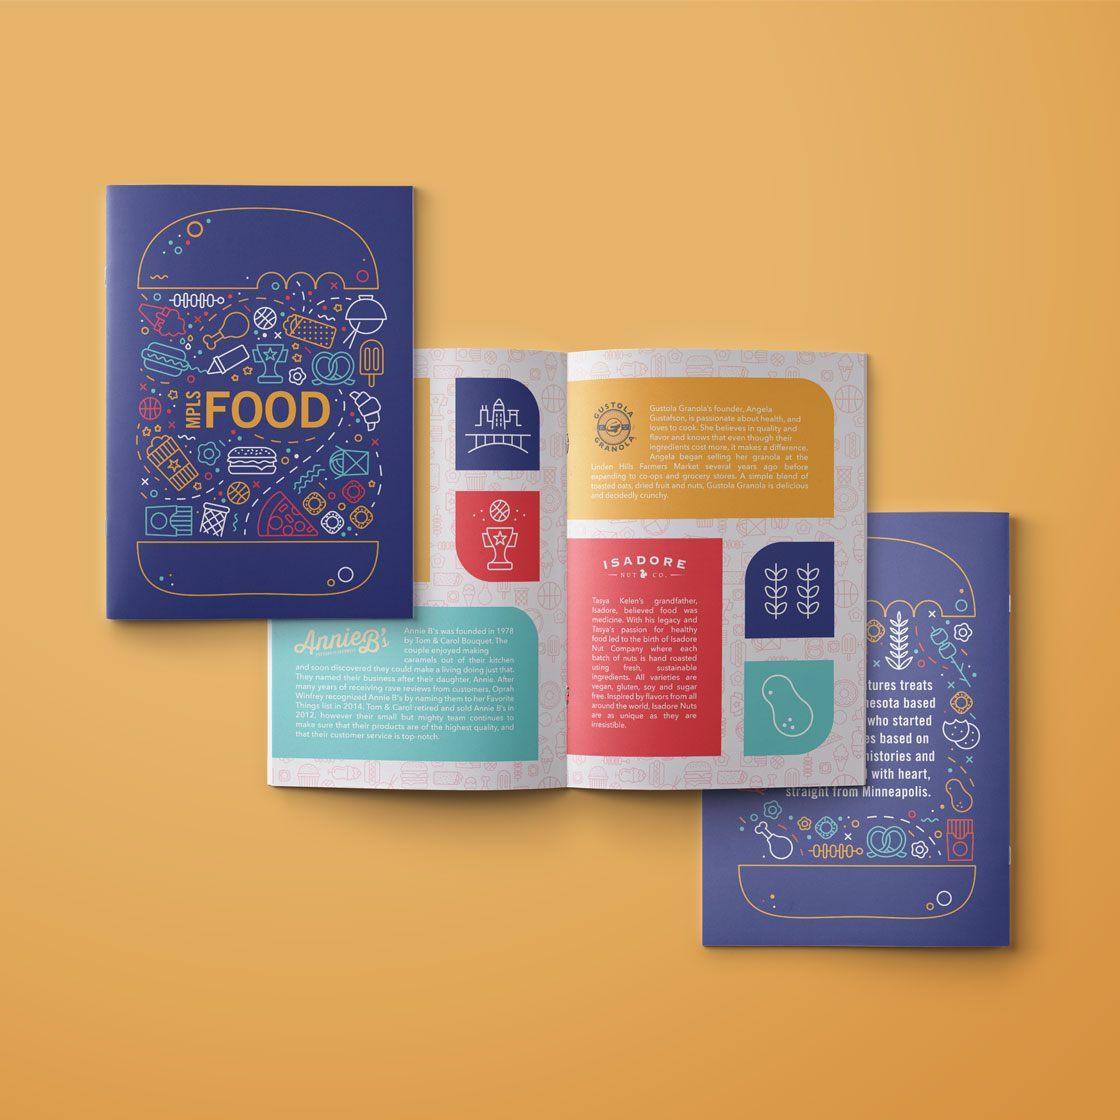 A digital rendering of a printed booklet